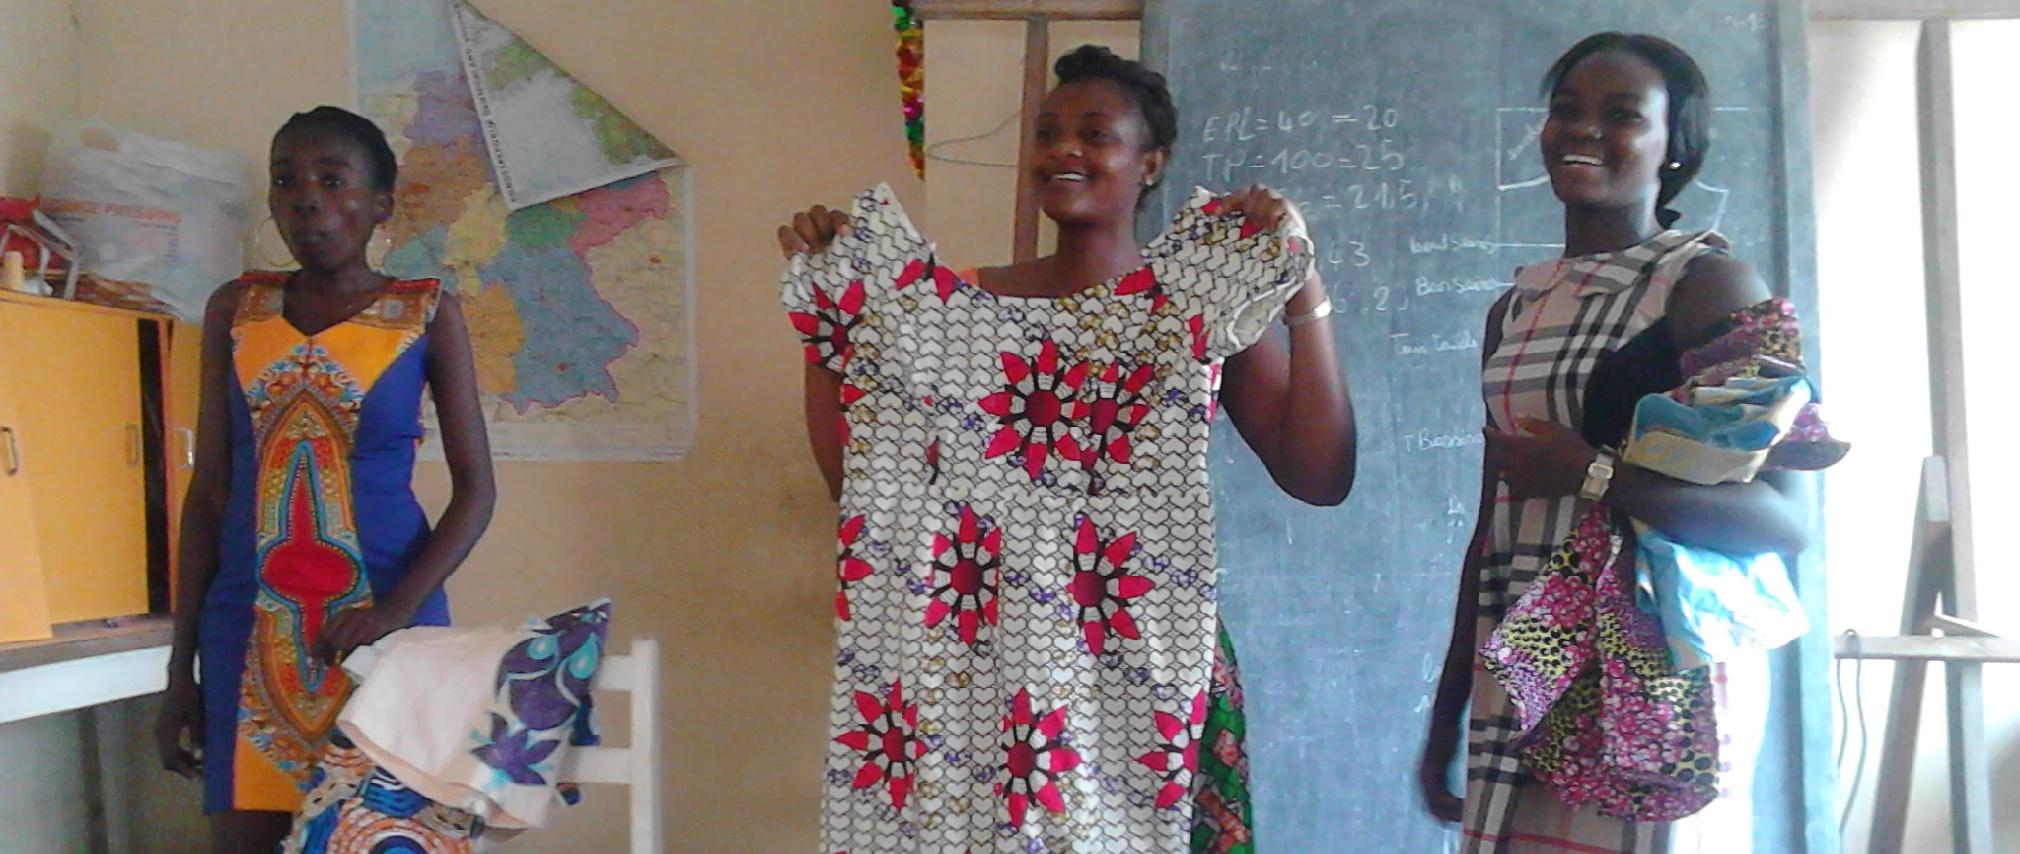 Mädchen präsentieren stolz ihre selbst genähten Kleider